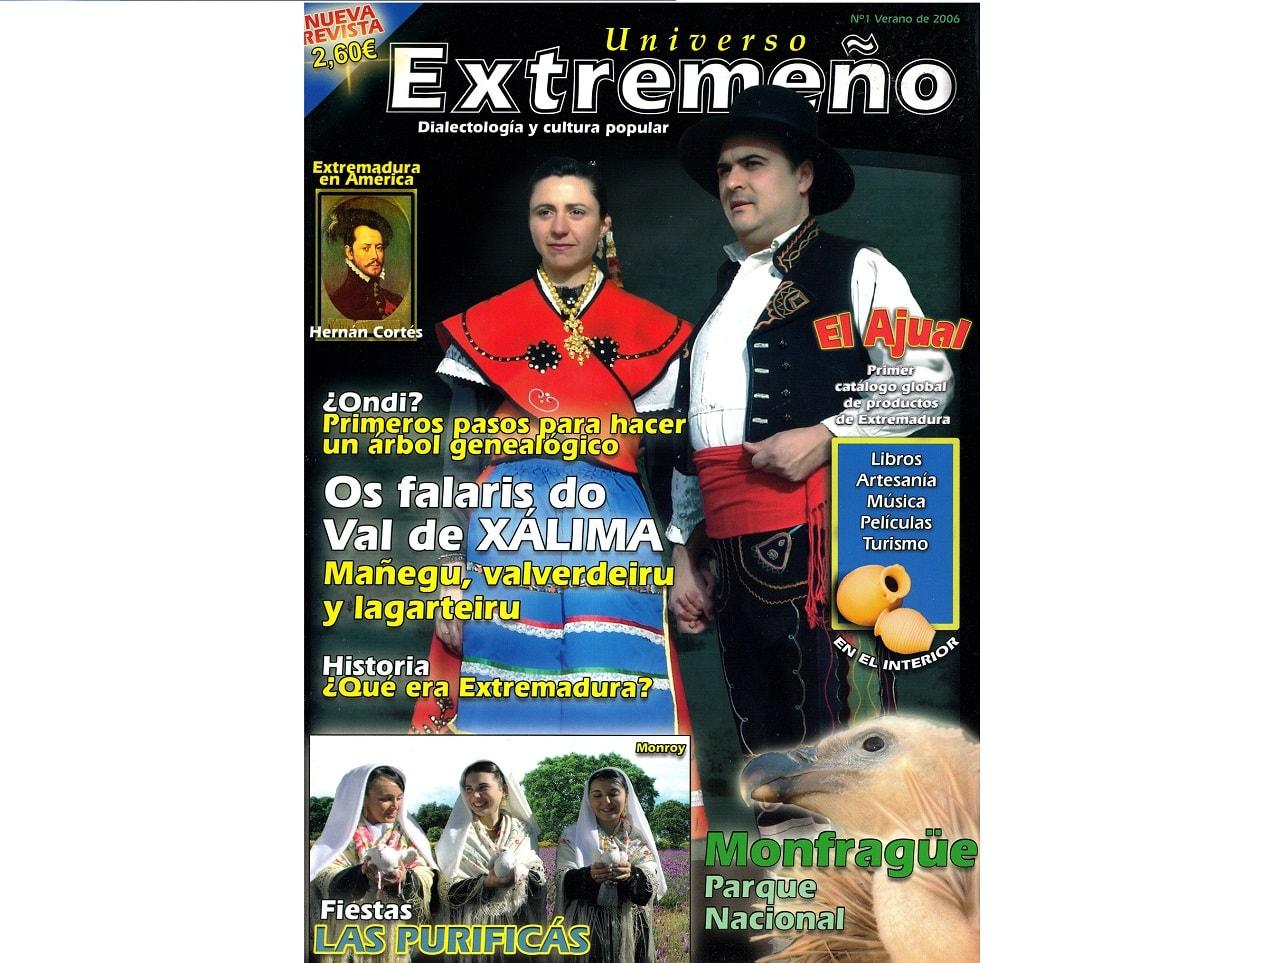 2006 Precedentes. Revista Universo Extremeño